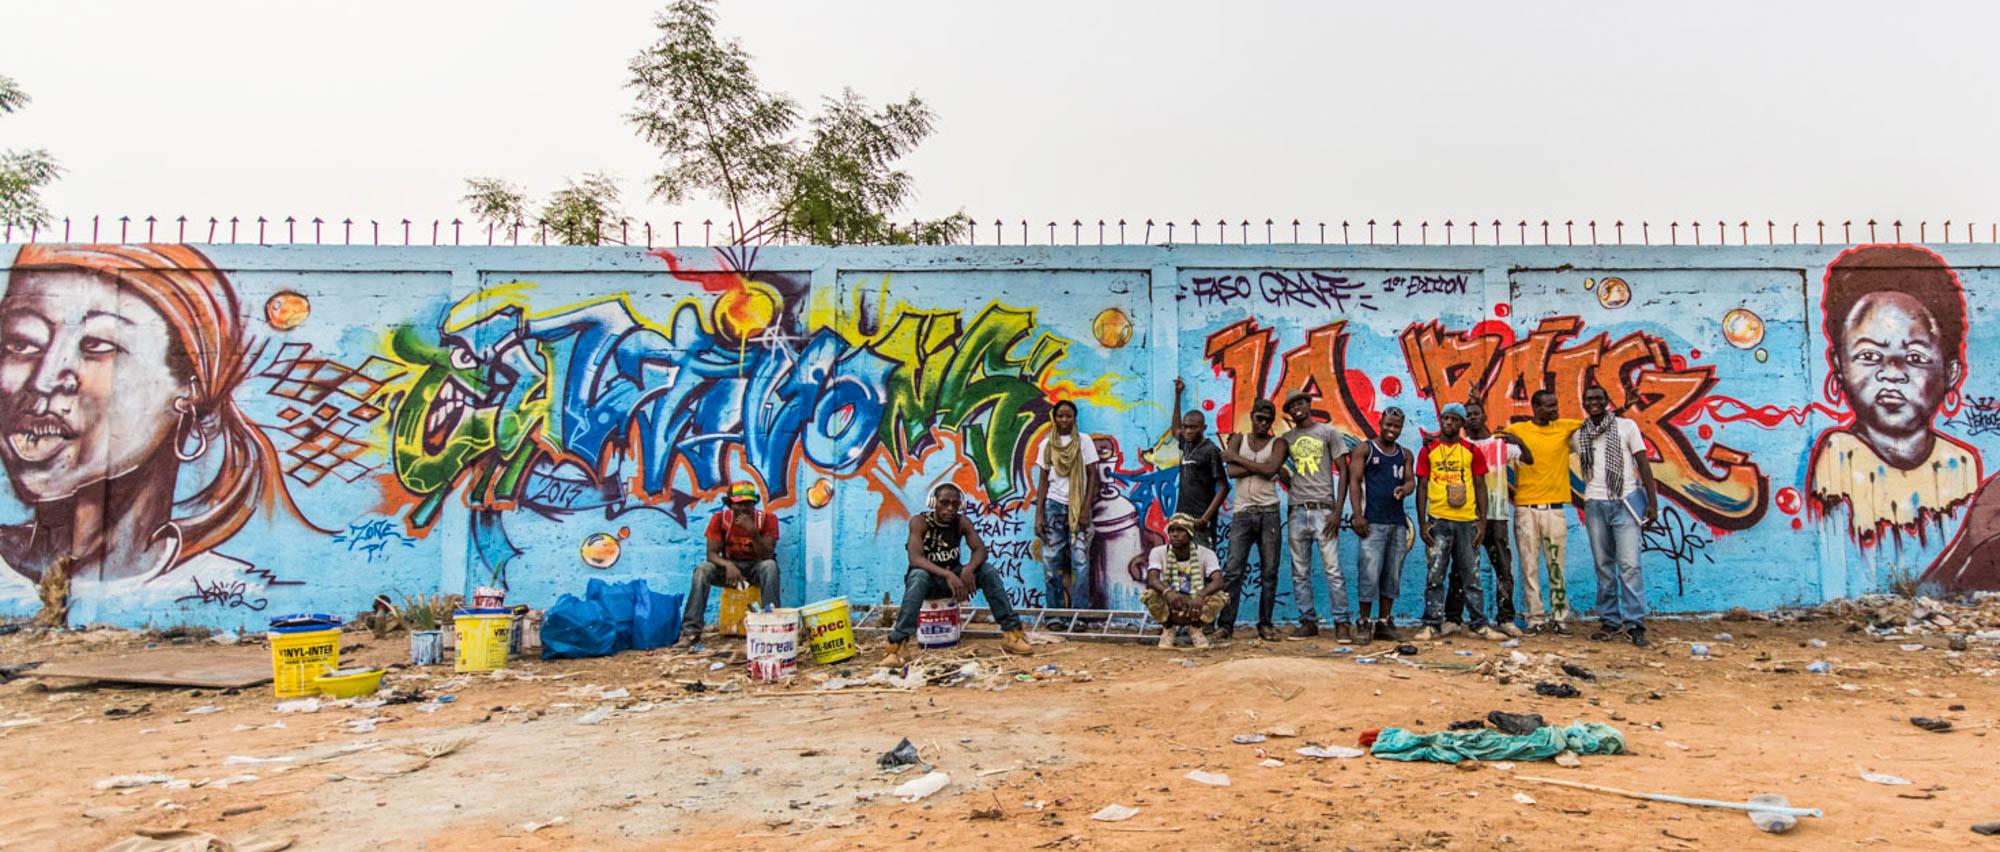 Artistas posando ante un mural de grafiti. (© Erwan Rogard)